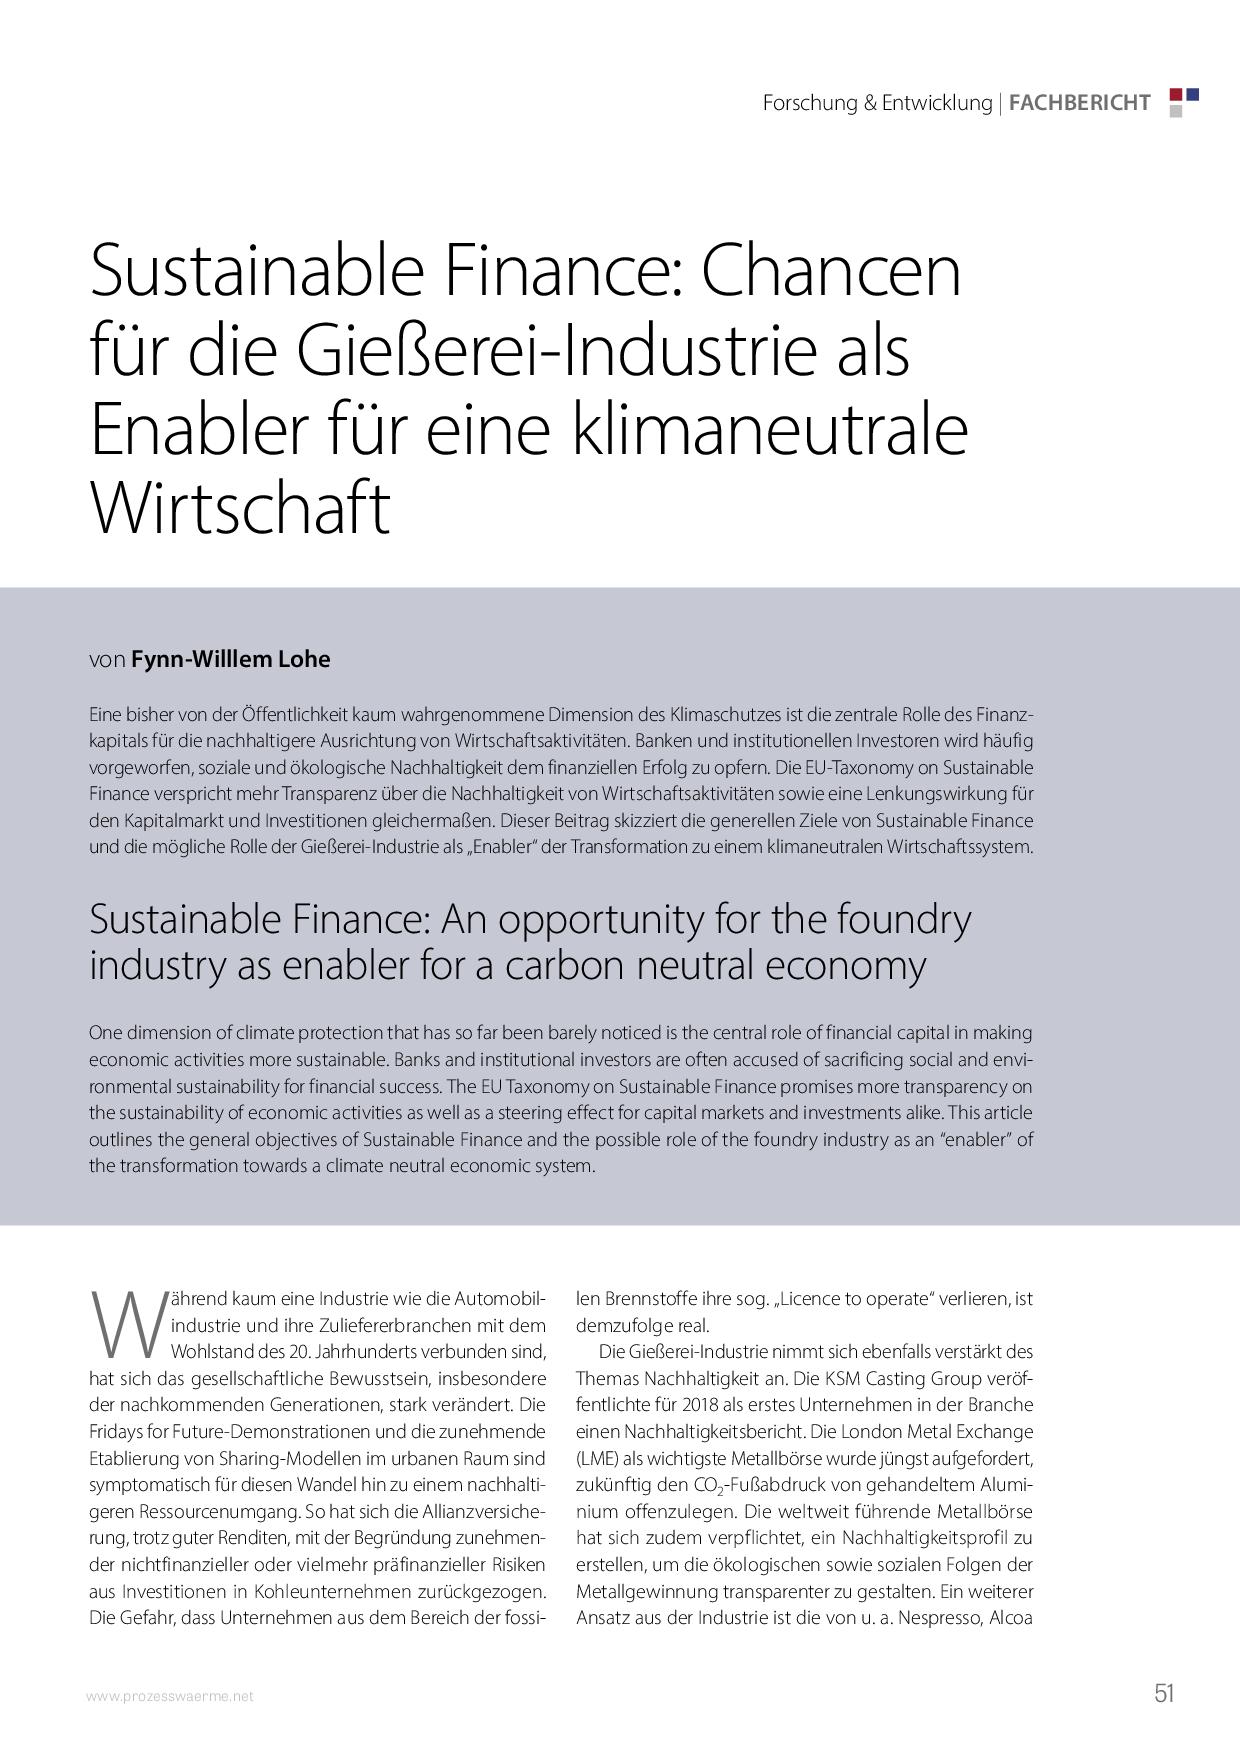 Sustainable Finance: Chancen für die Gießerei-Industrie als Enabler für eine klimaneutrale Wirtschaft